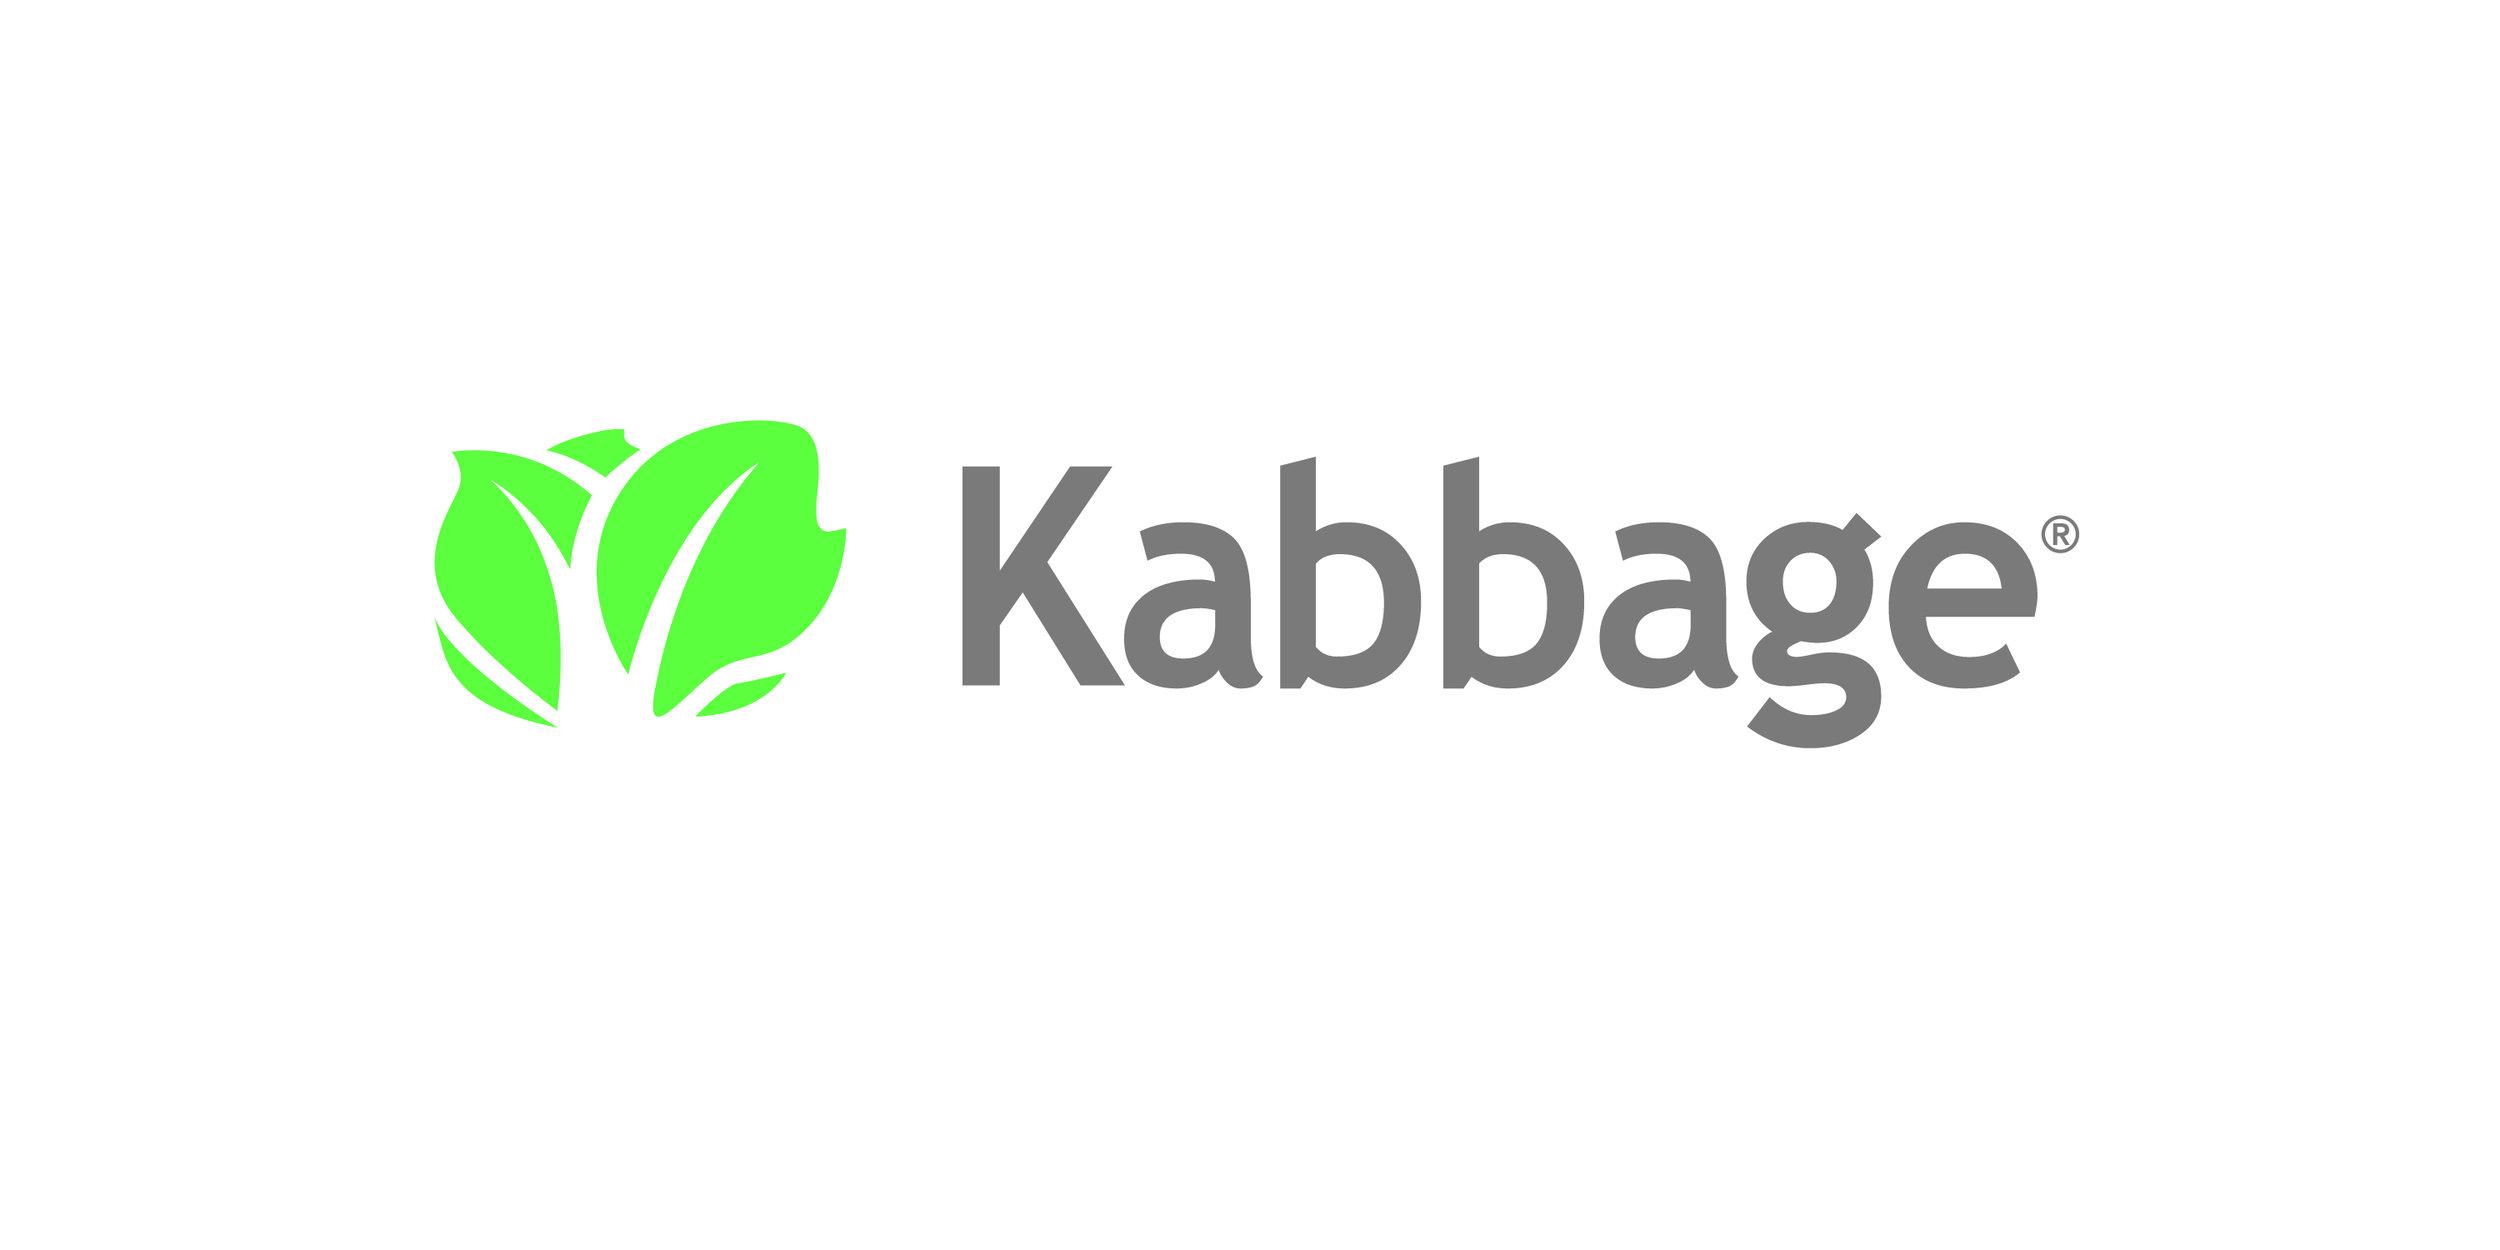 kabbage_logo_horizontal.jpg